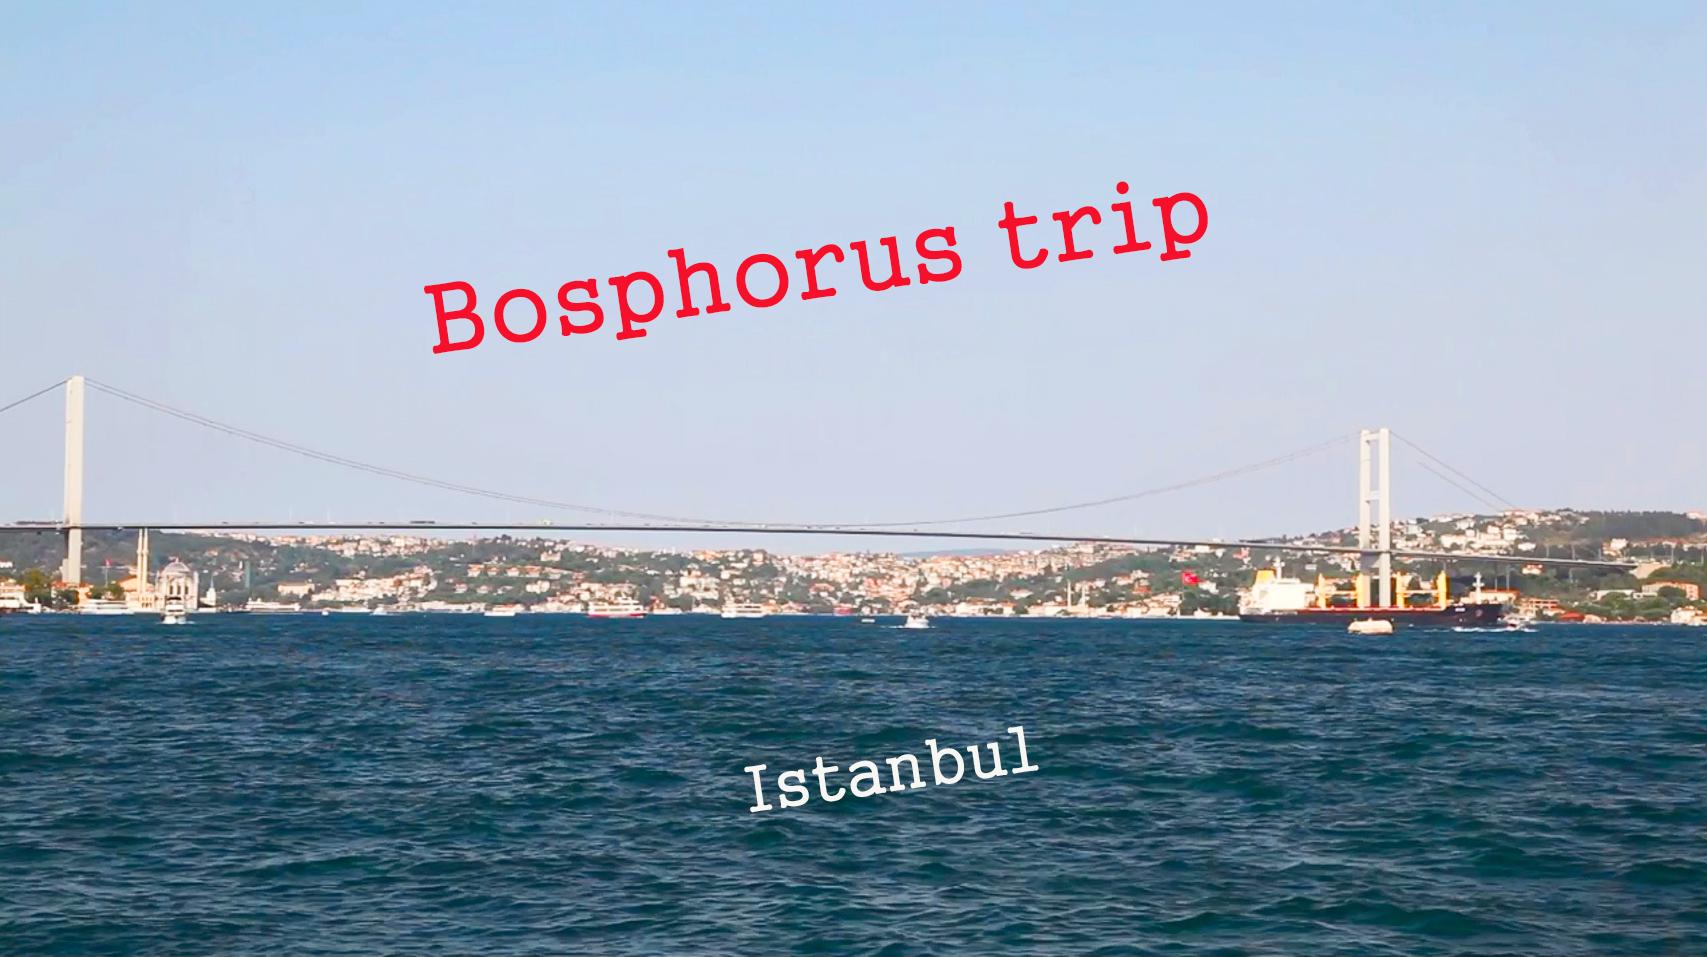 Видео экскурсия по Босфору